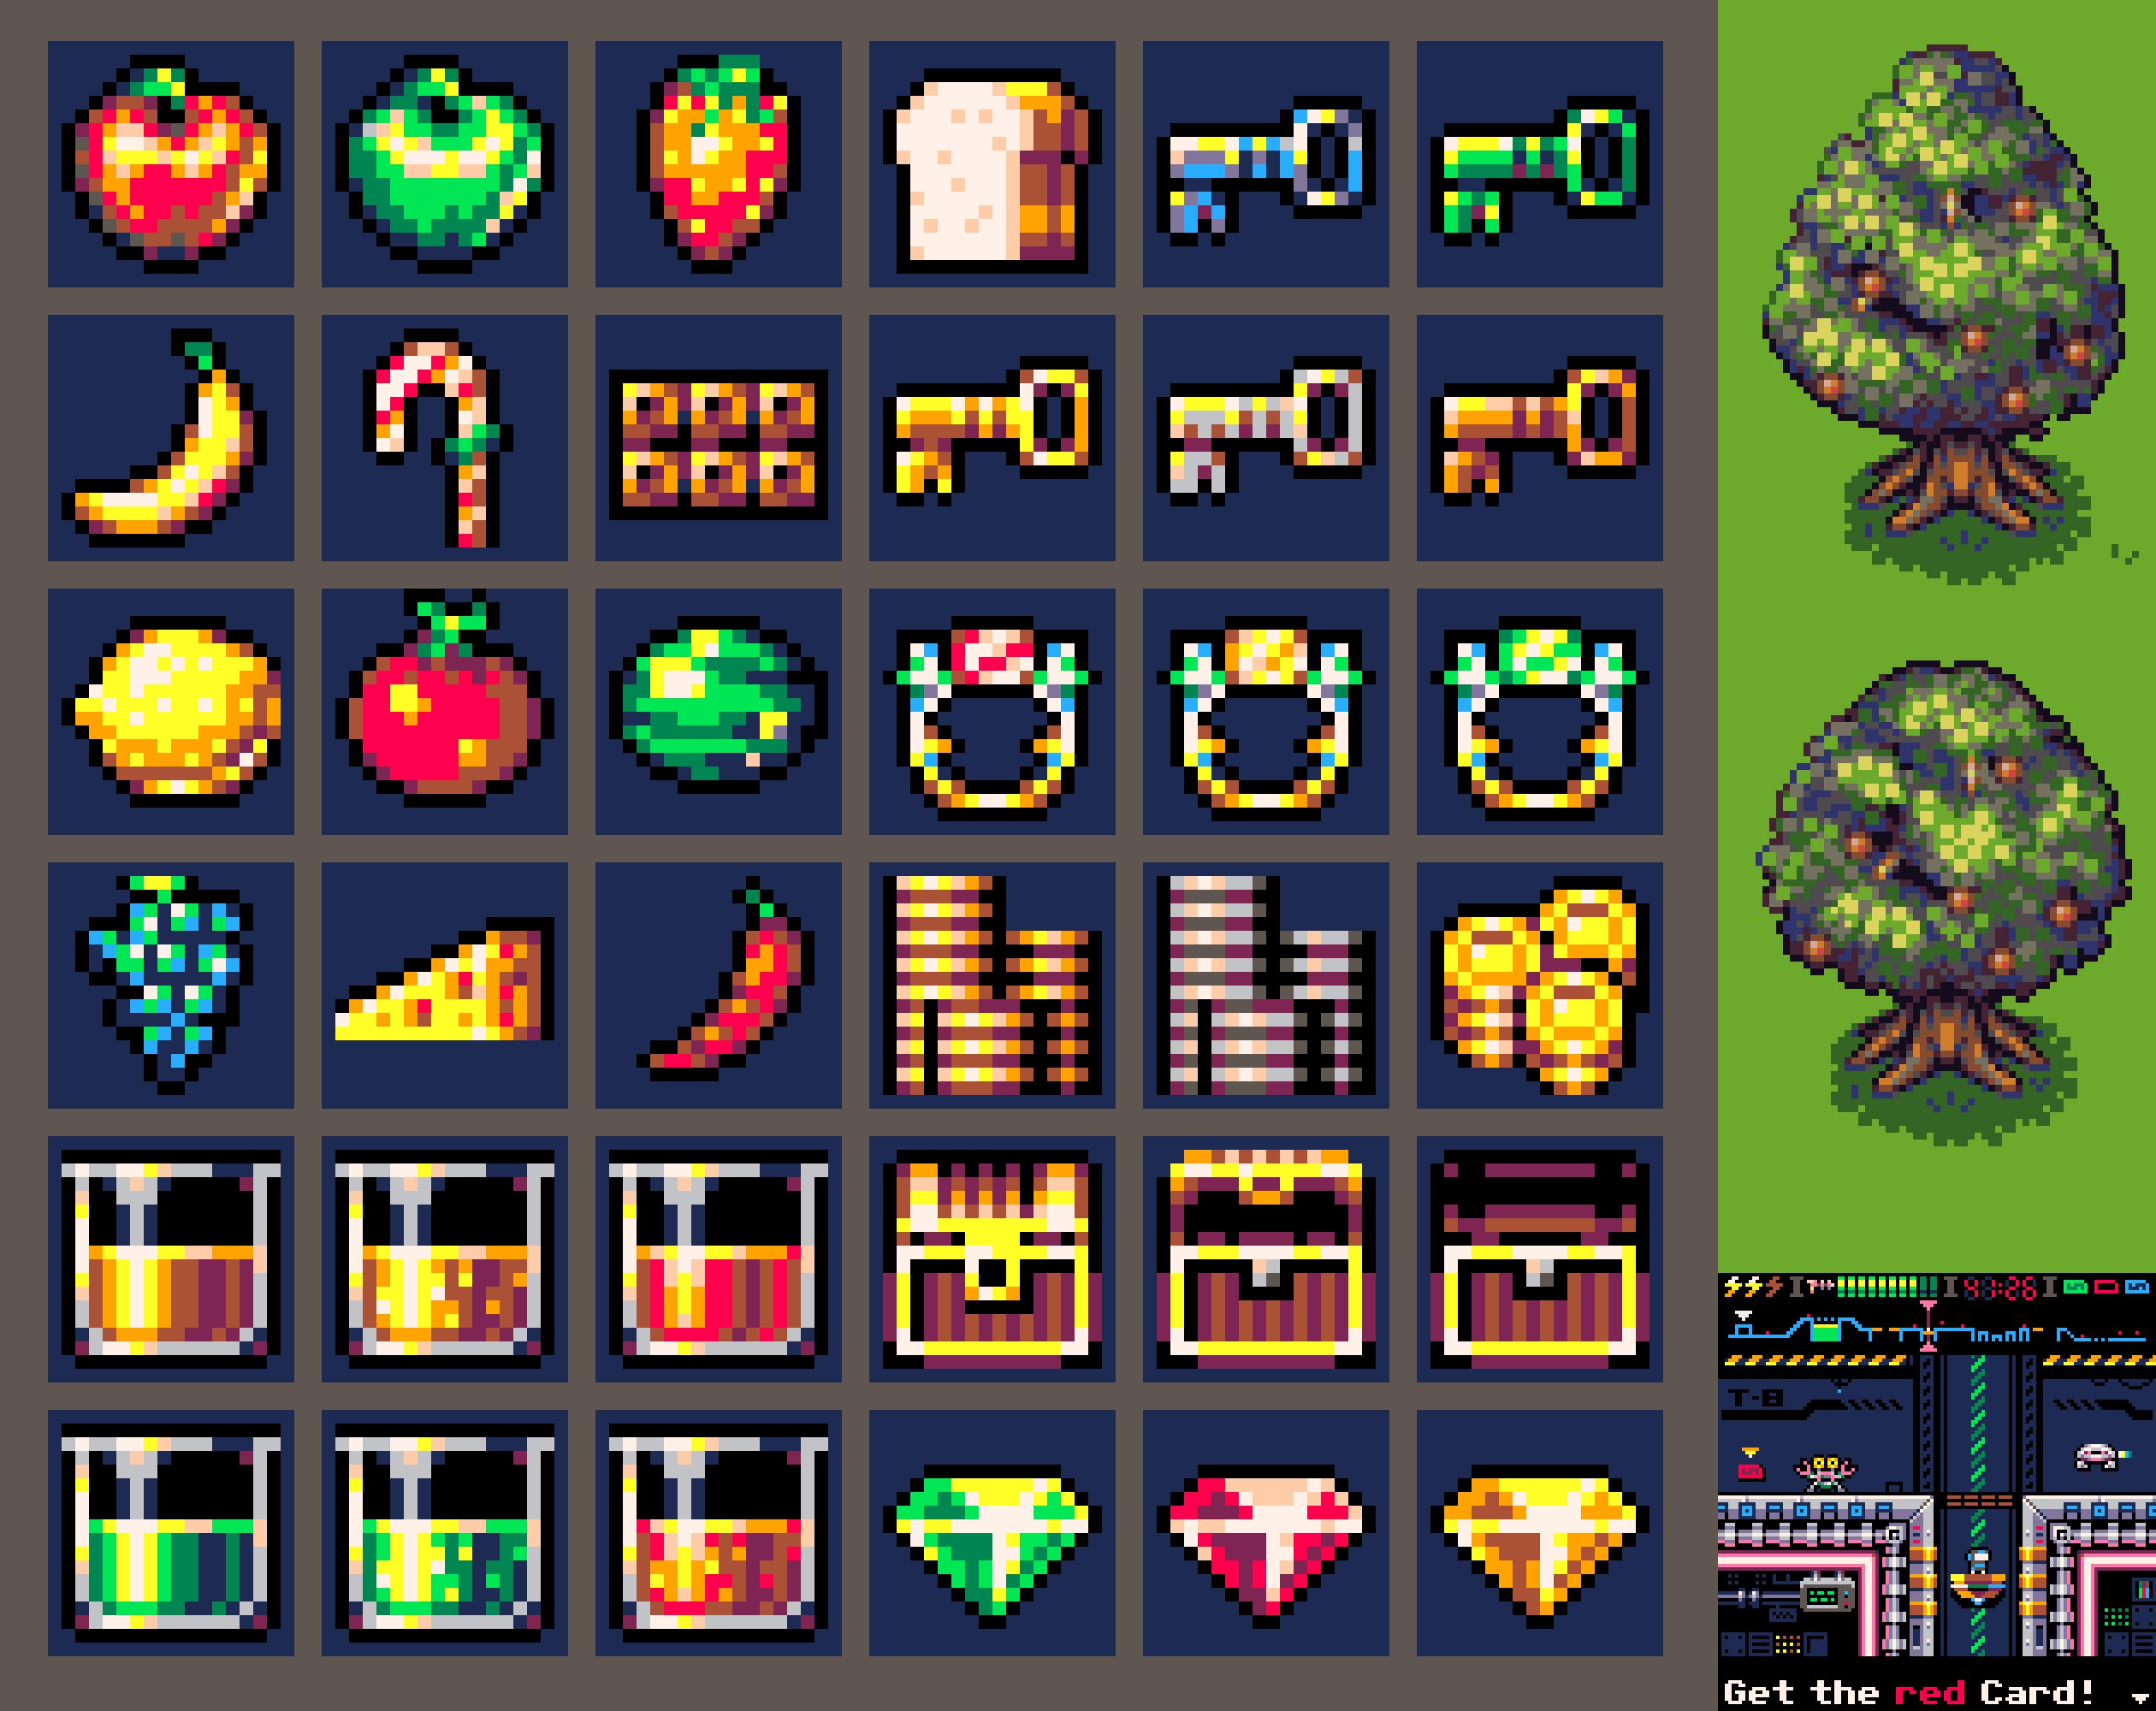 PixelArt Free Game Assets